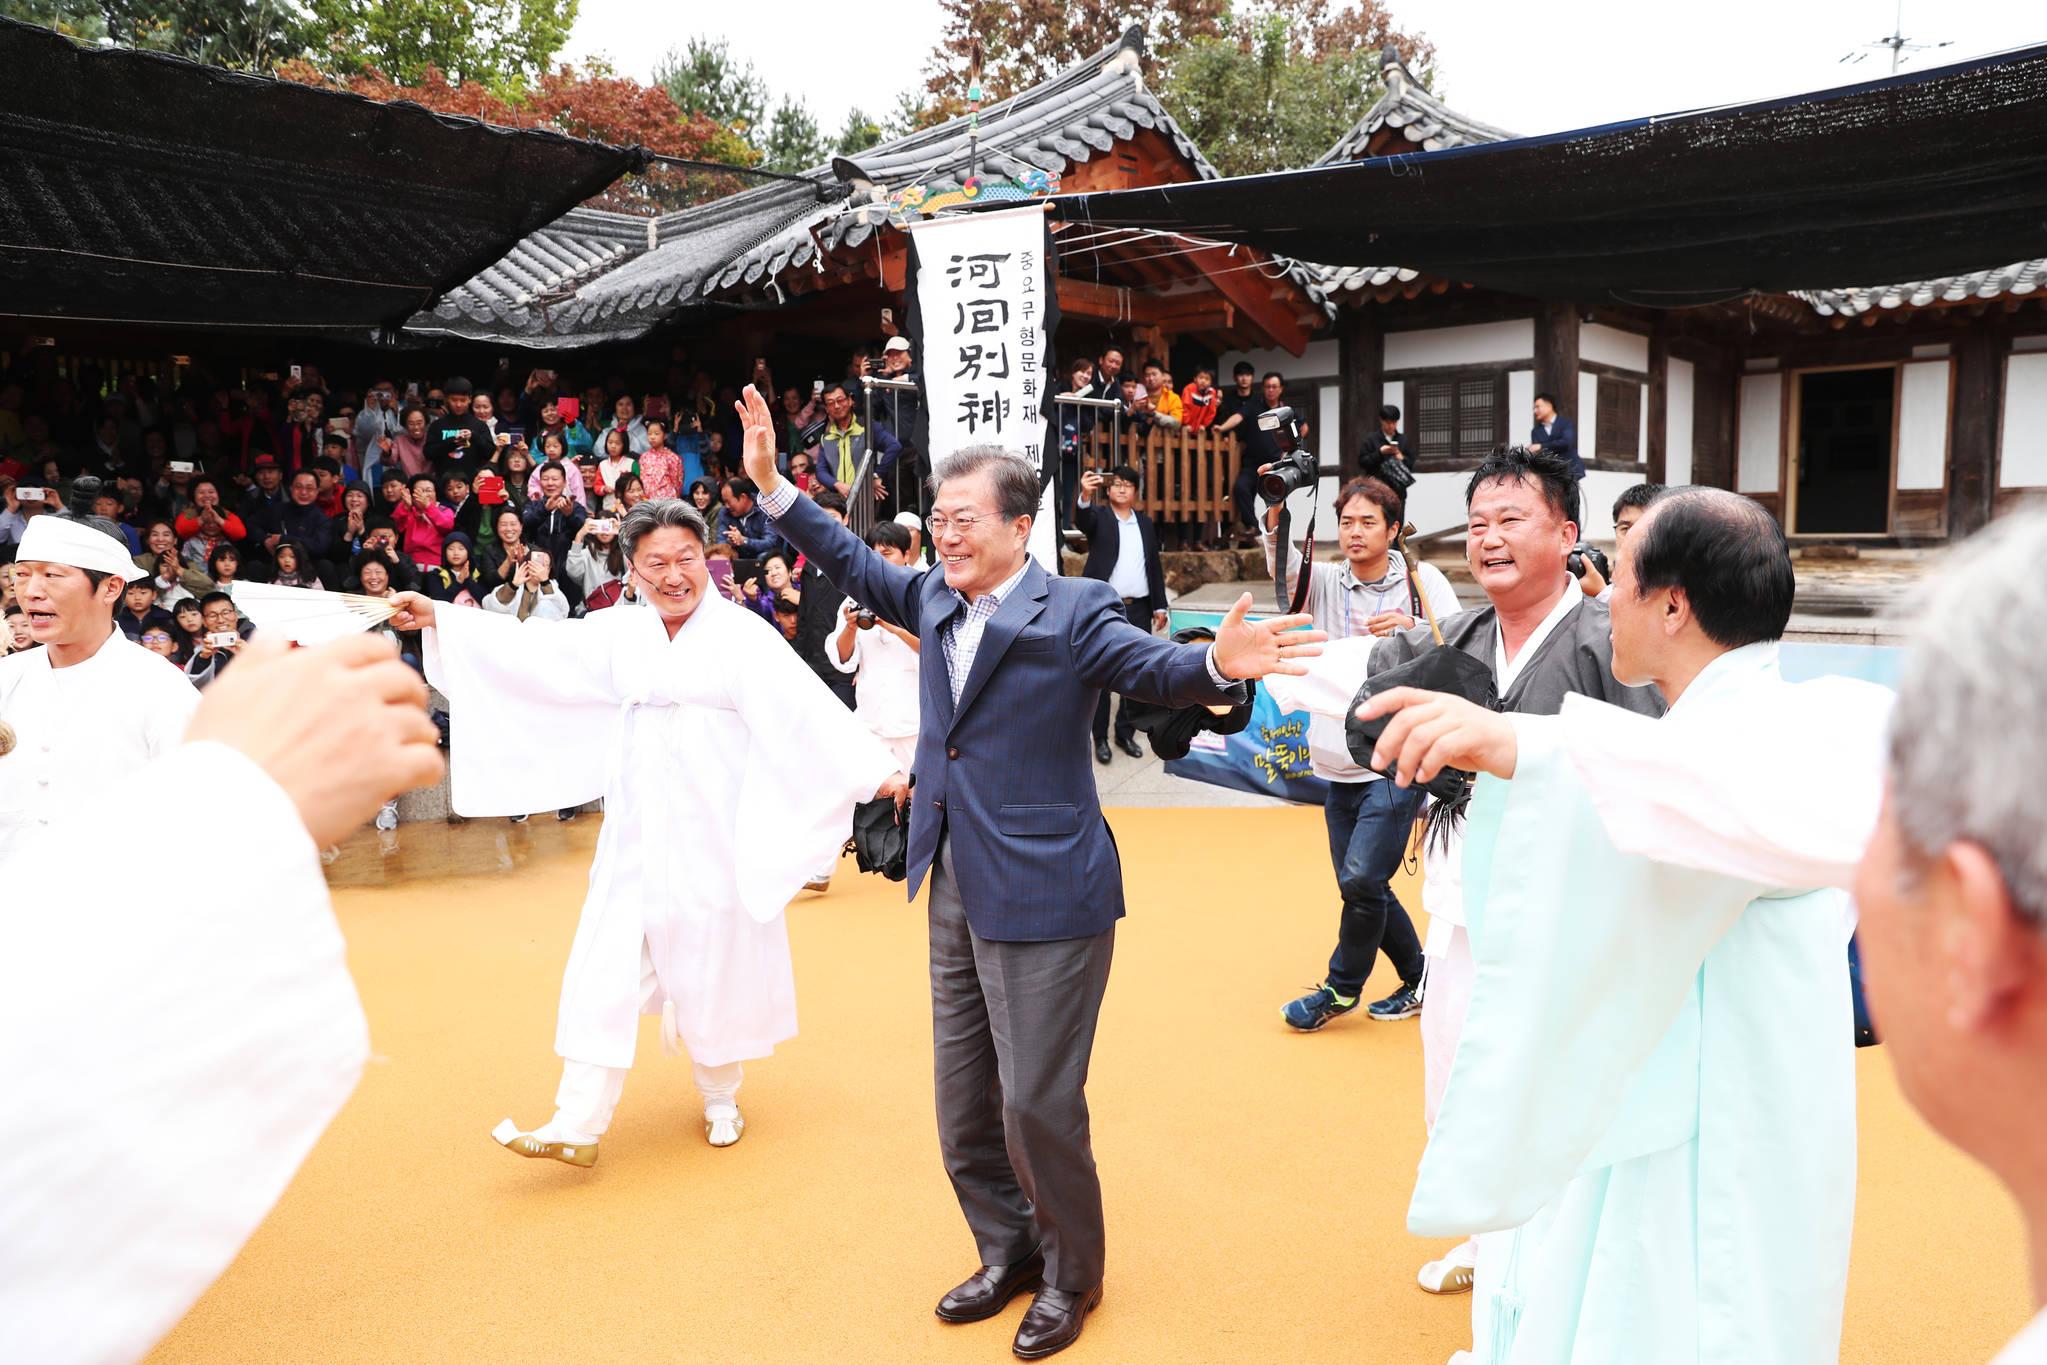 지난해 10월 6일 오후 문재인 대통령과 김정숙 여사가 안동 하회마을을 방문했다. 문 대통령이 공연장에서 하회별신굿탈놀이 공연이 끝난뒤 출연진과 같이 춤을 추고 있다. [사진 청와대]